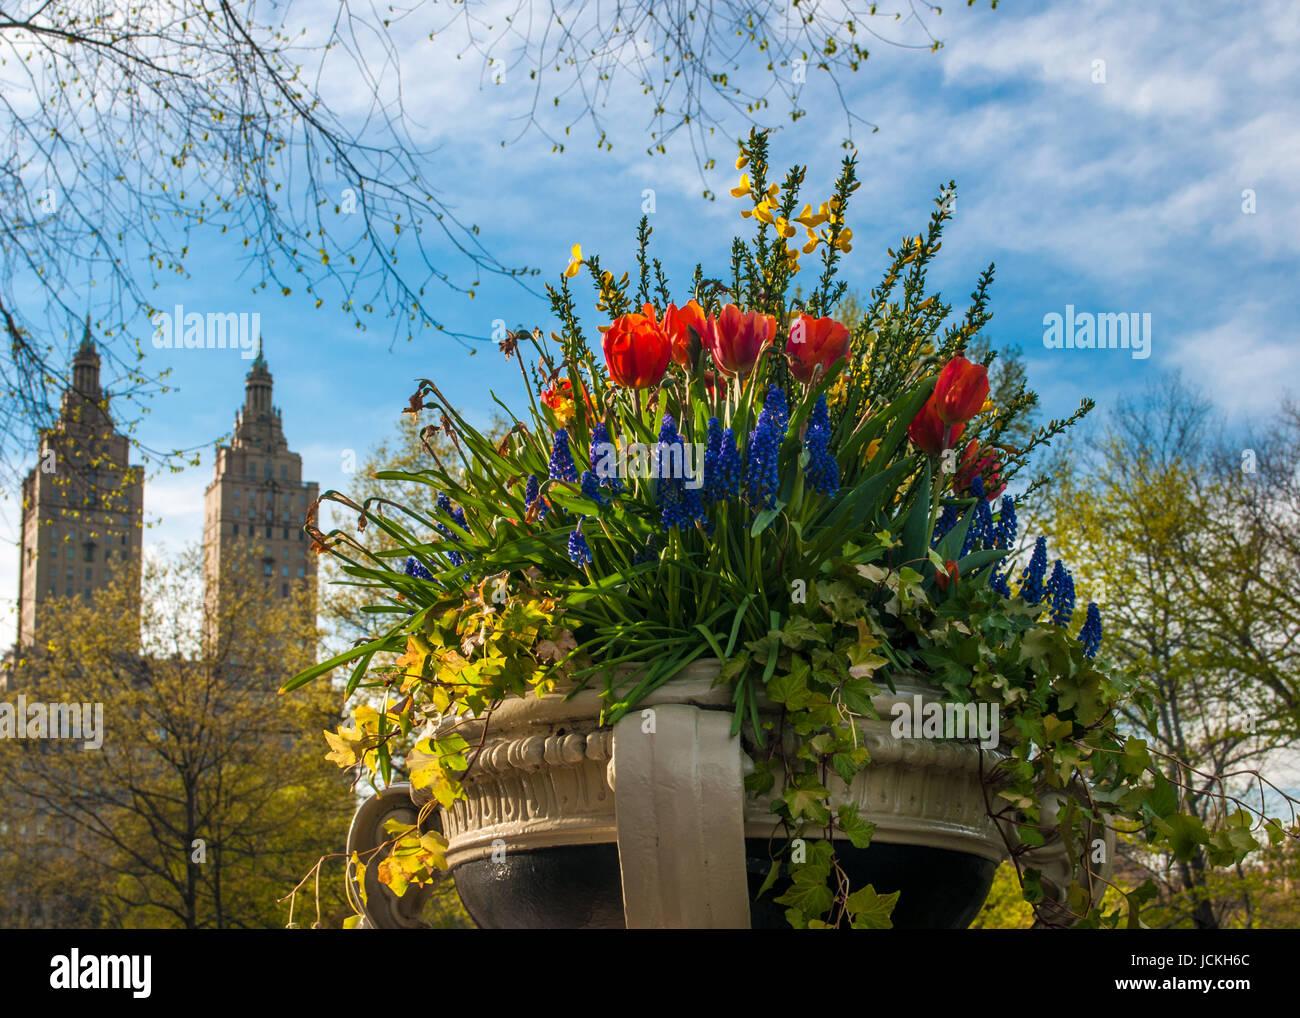 Mazzi Di Fiori Sanremo 2016.San Remo Flowers Stock Photos San Remo Flowers Stock Images Alamy